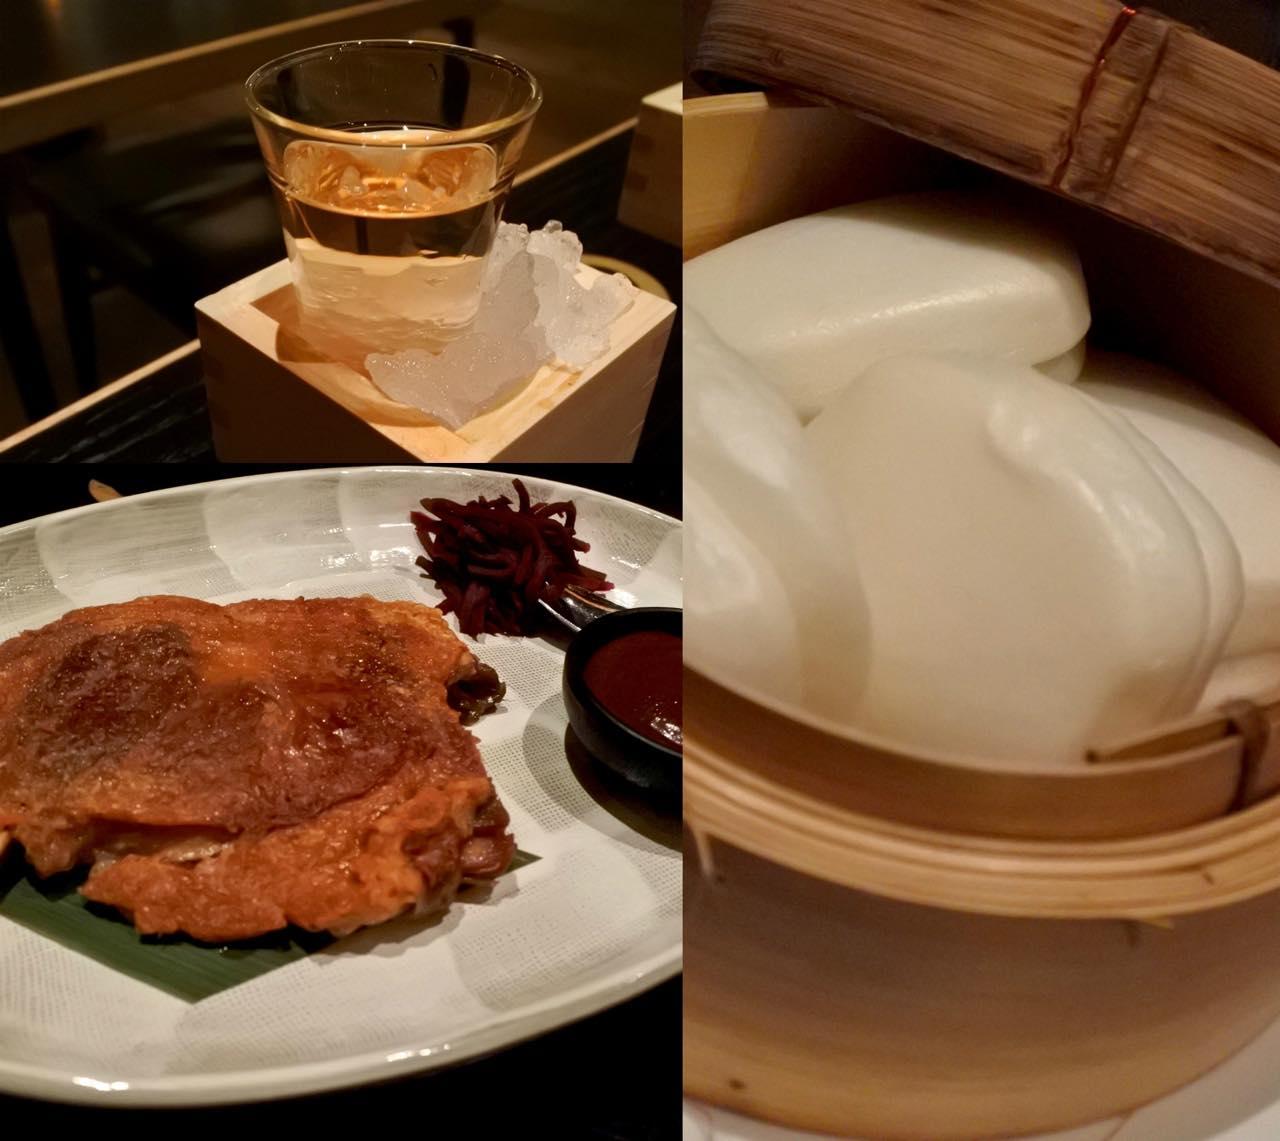 ダック・レッグは中華風の甘味噌で。バンズは別注文となりますが、2つは軽くペロリと食べられます ^^